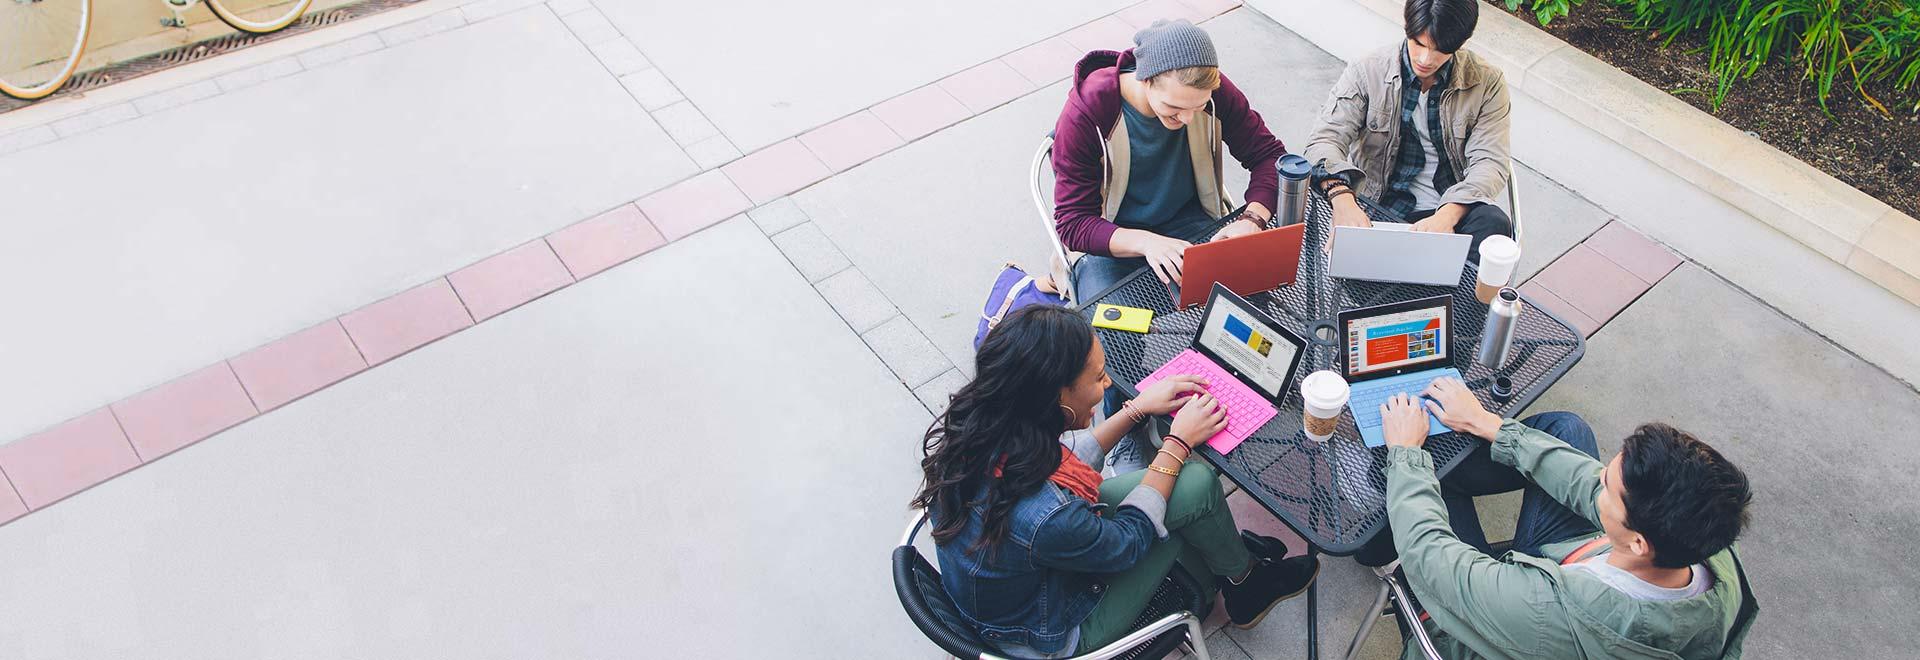 Quattro studenti seduti a un tavolo all'aperto che usano Office 365 Education sui tablet.